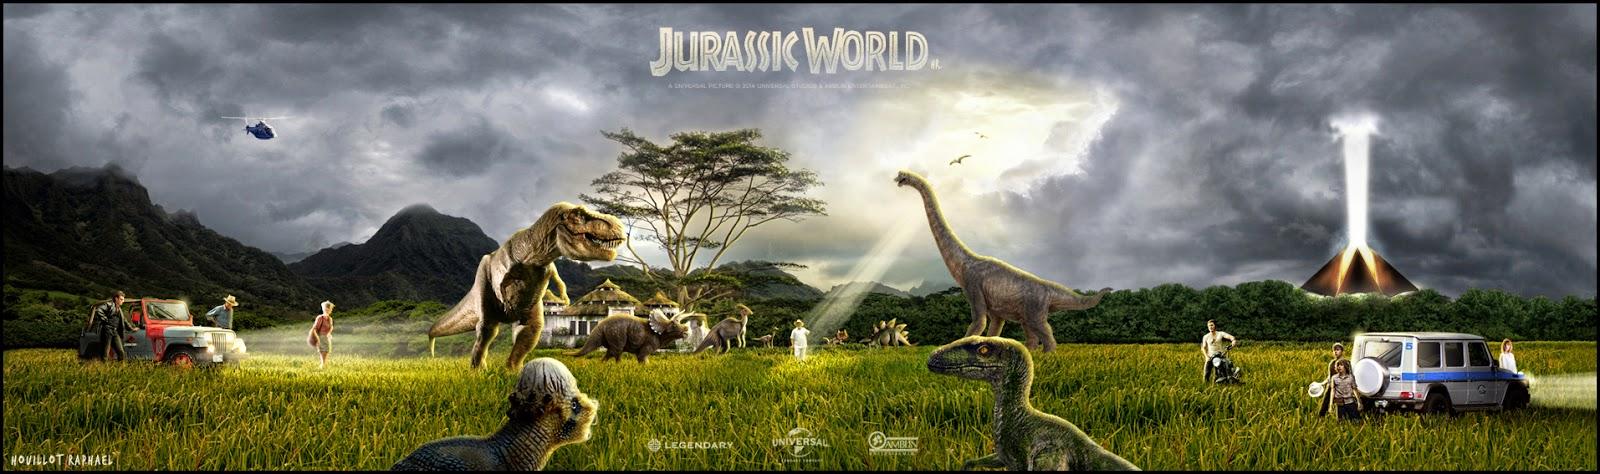 """Hồi hộp xem thế giới khủng long trong """"Công viên kỷ Jura 4"""" - 1"""